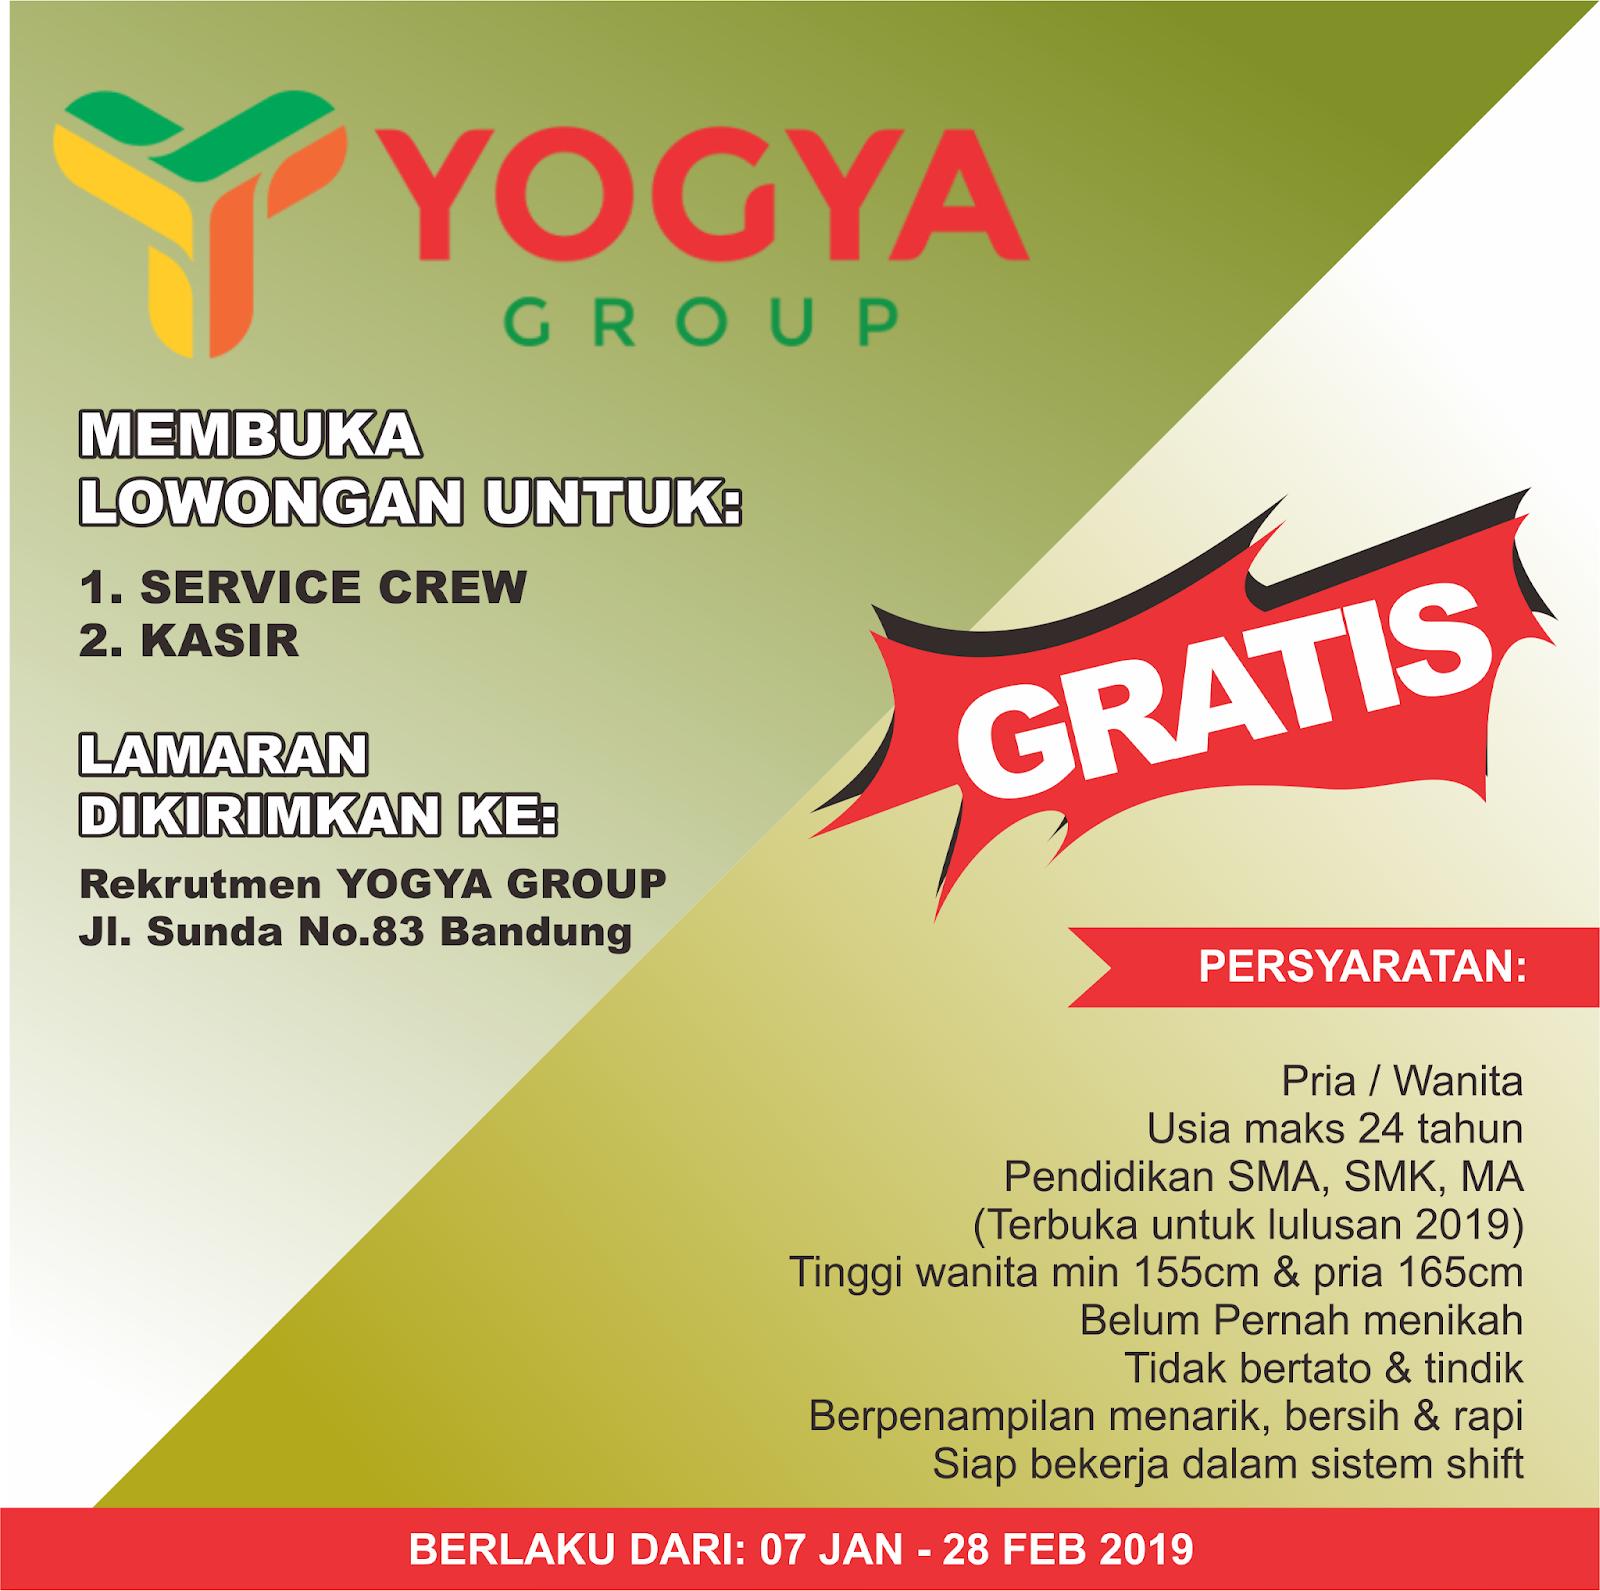 Lowongan Kerja Toserba Yogya Bandung Januari 2019 Lowongan Kerja Terbaru Tahun 2020 Informasi Rekrutmen Cpns Pppk 2020